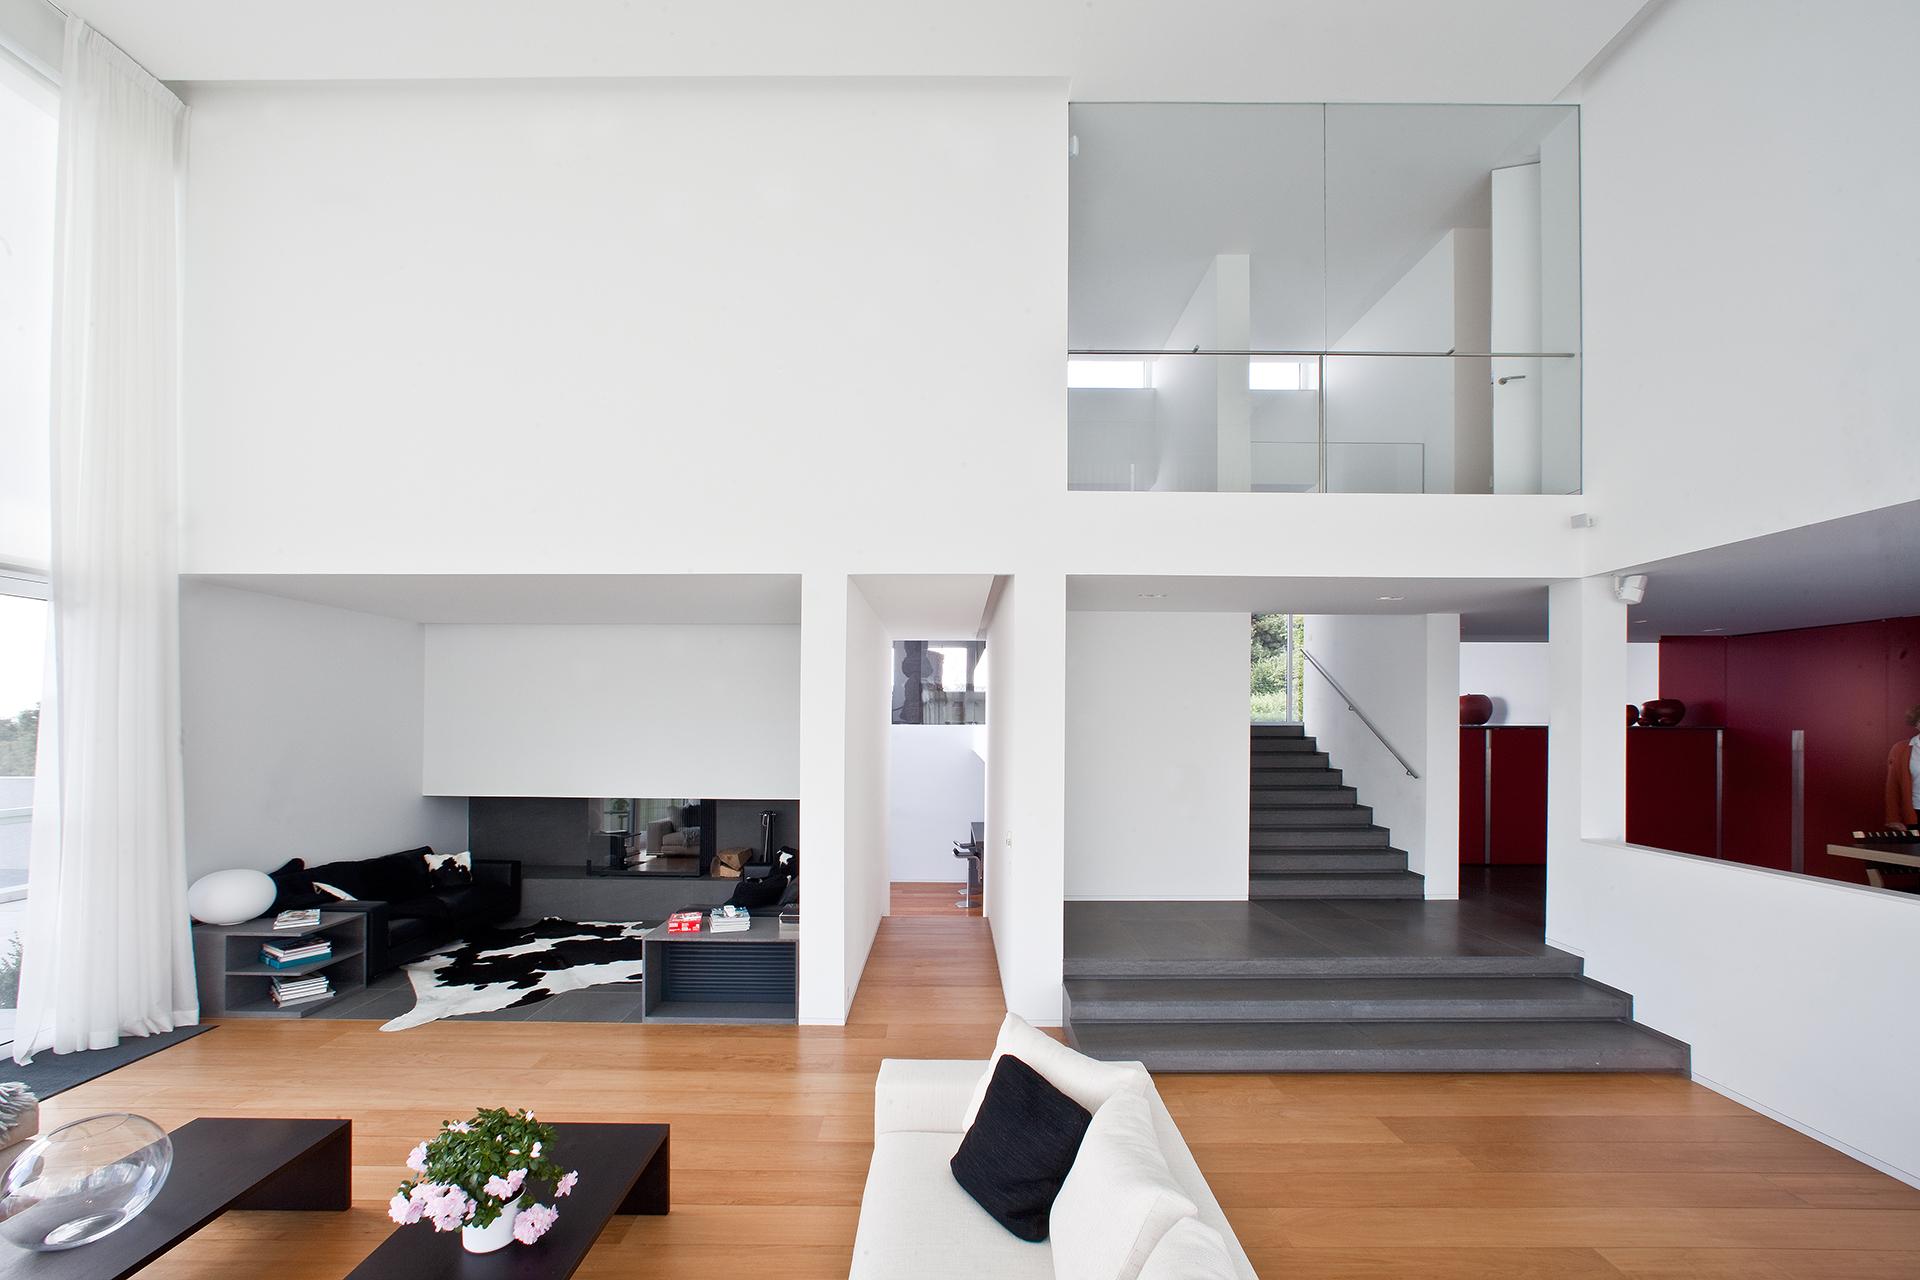 Basaltina Interiordesign